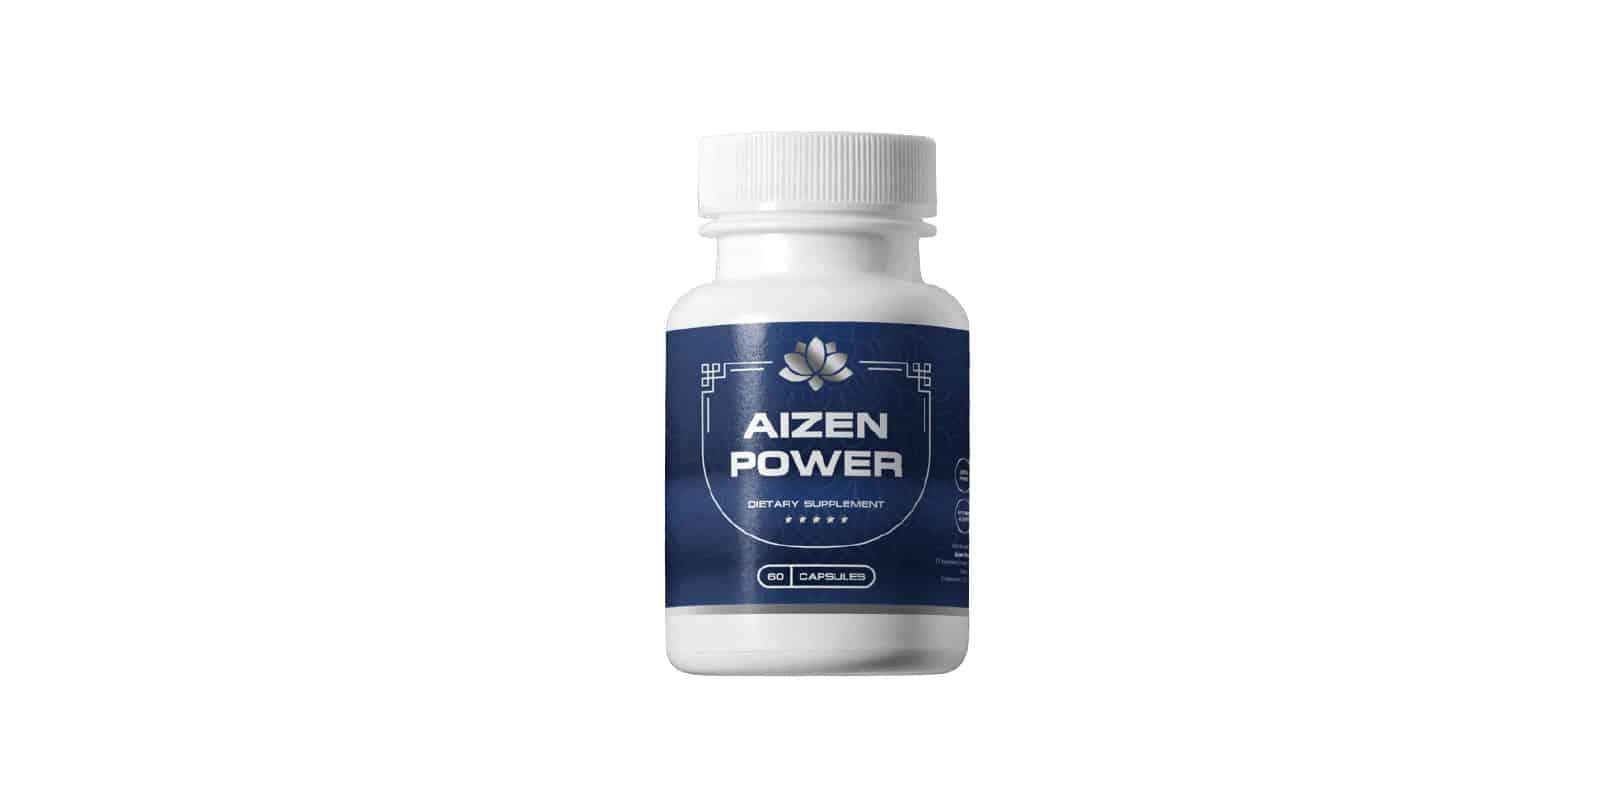 Aizen Power Reviews